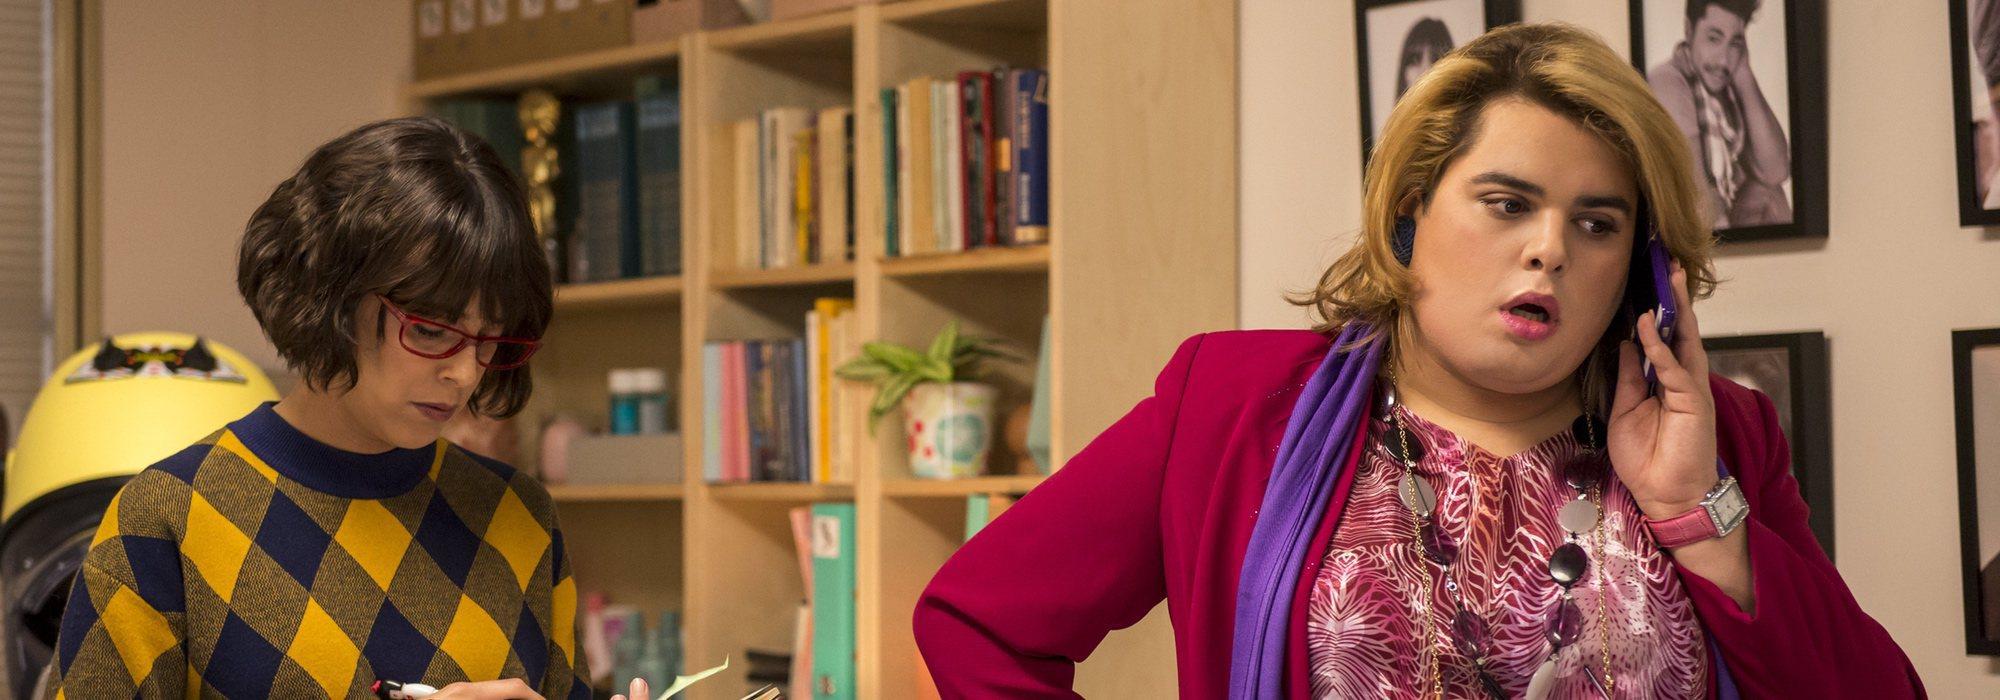 Crítica de 'Paquita Salas': La joya milenial se consagra y cierra su 2ª temporada con un final apoteósico